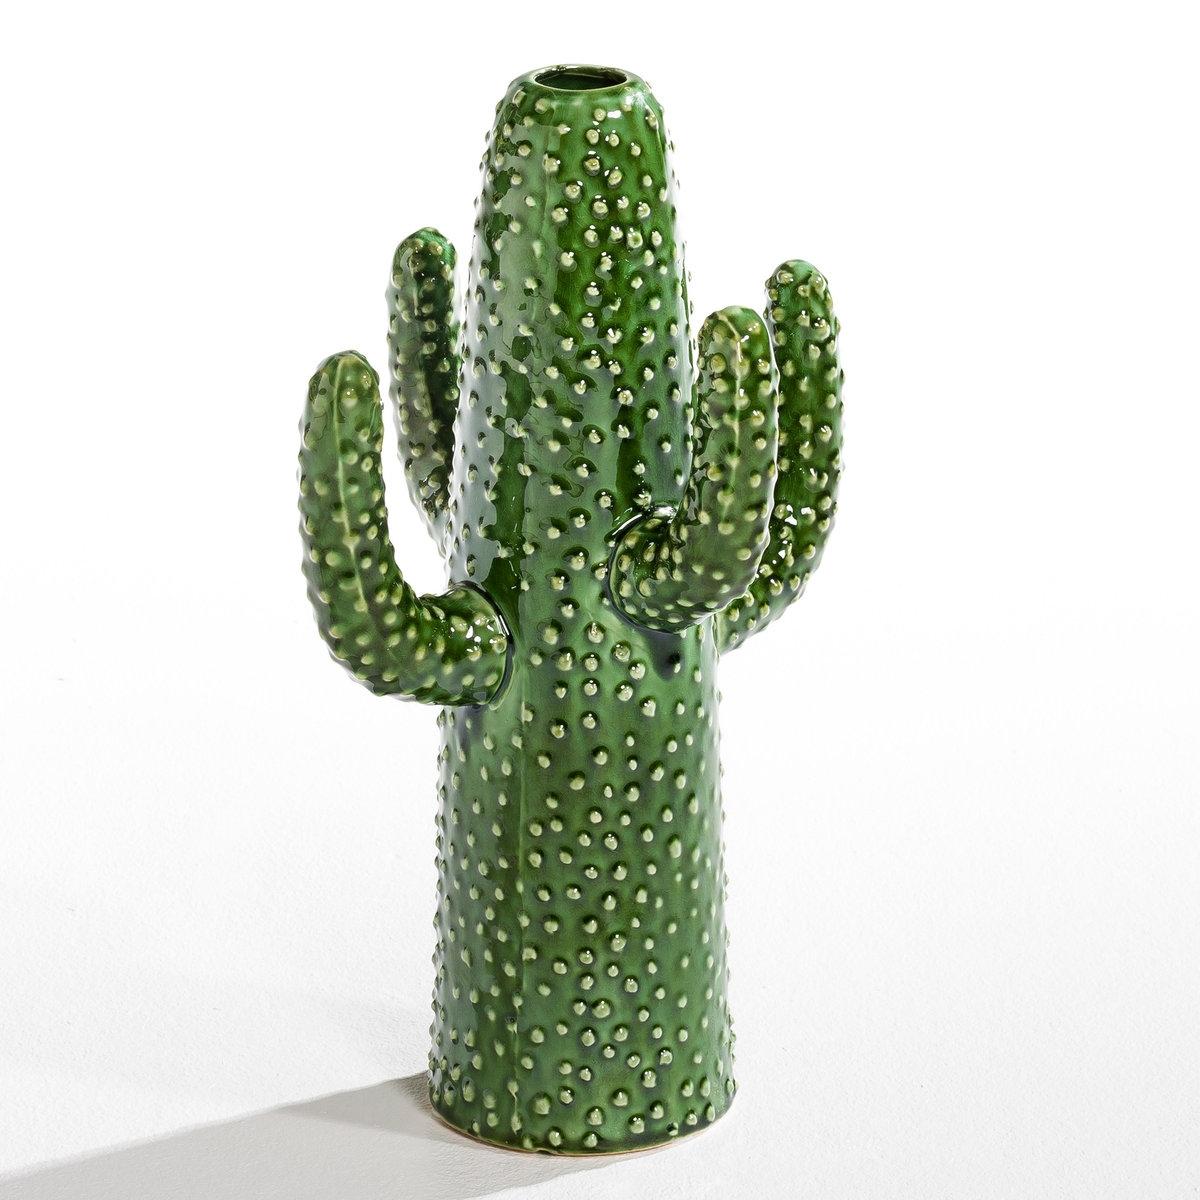 Вазы Cactus дизайн Марии МихельсенРабота Марии Михельсен . 3 вазы разного размера в форме кактуса . Керамика. - Размер 1 : Д.20 x Г.7,5 x В.20 см (малый кактус с 2 ручками). - Размер 2 : Д.19 x Г.17 x В.29 см (малый кактус с 4 ручками). - Размер 3 : Д.24 x Г.23 x В.40 см (большой кактус с 4 ручками).<br><br>Цвет: зеленый<br>Размер: 3